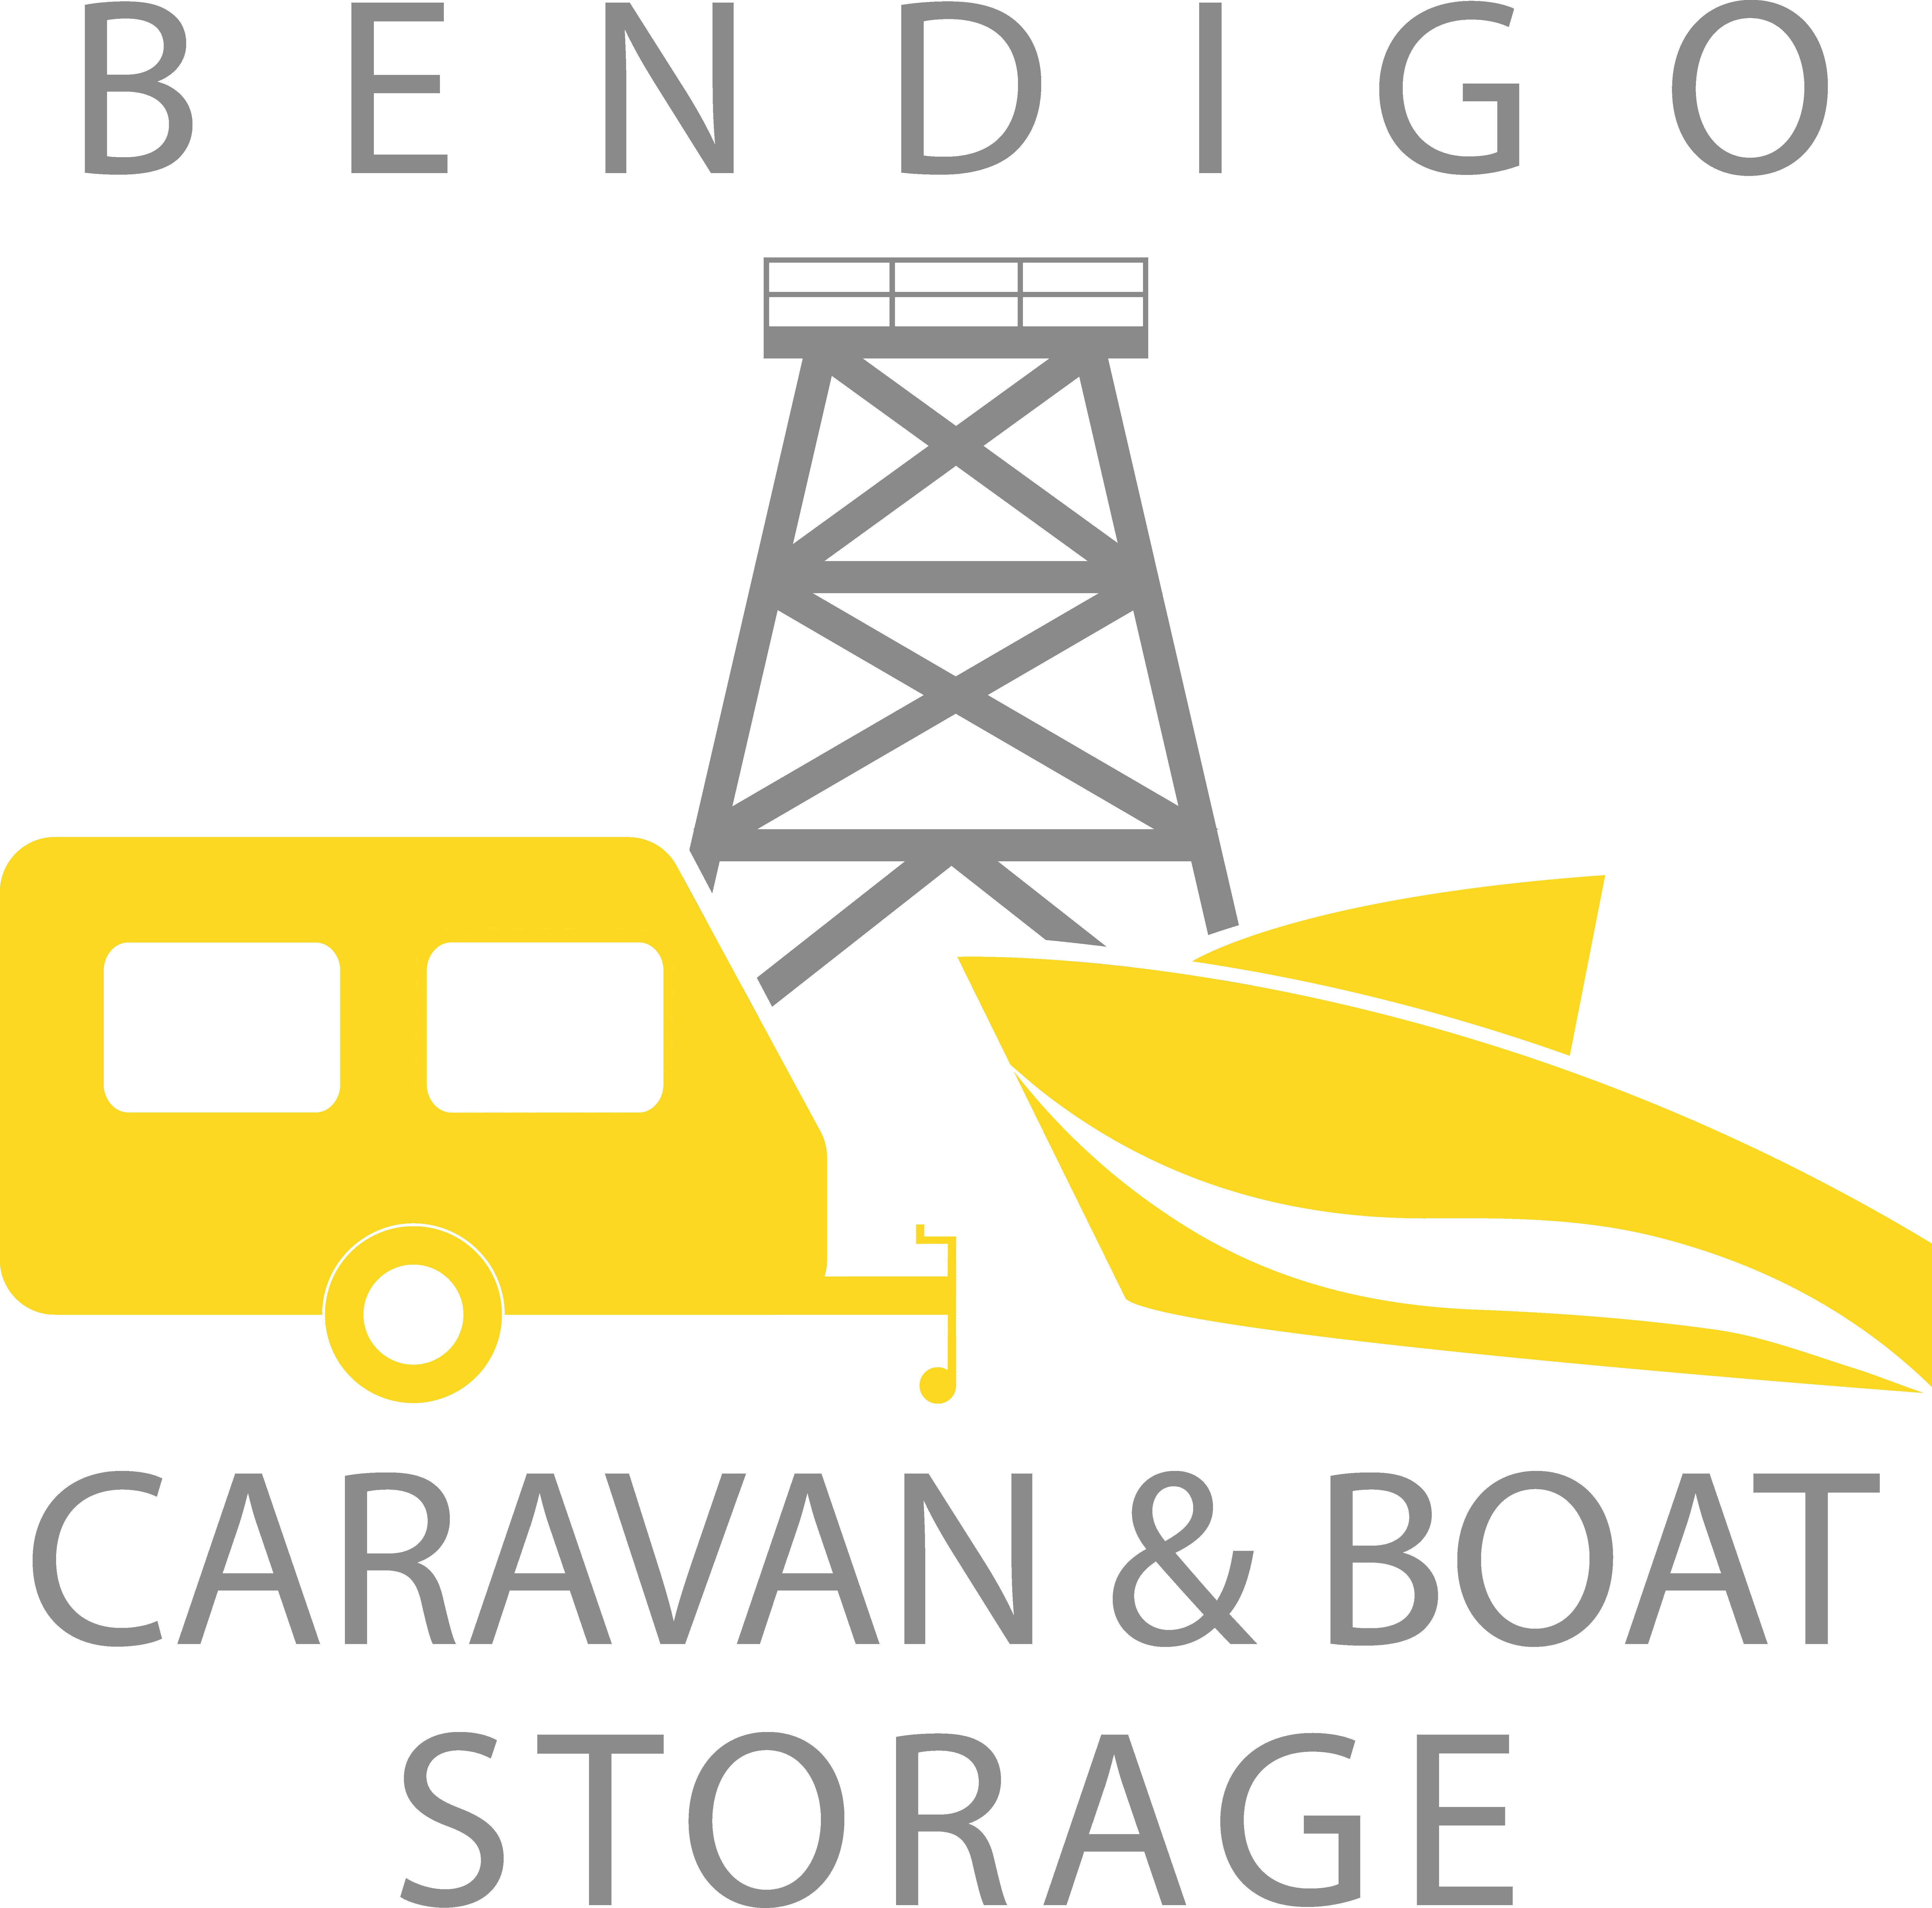 Caravan Boat Car Storage Melbourne Bendigo